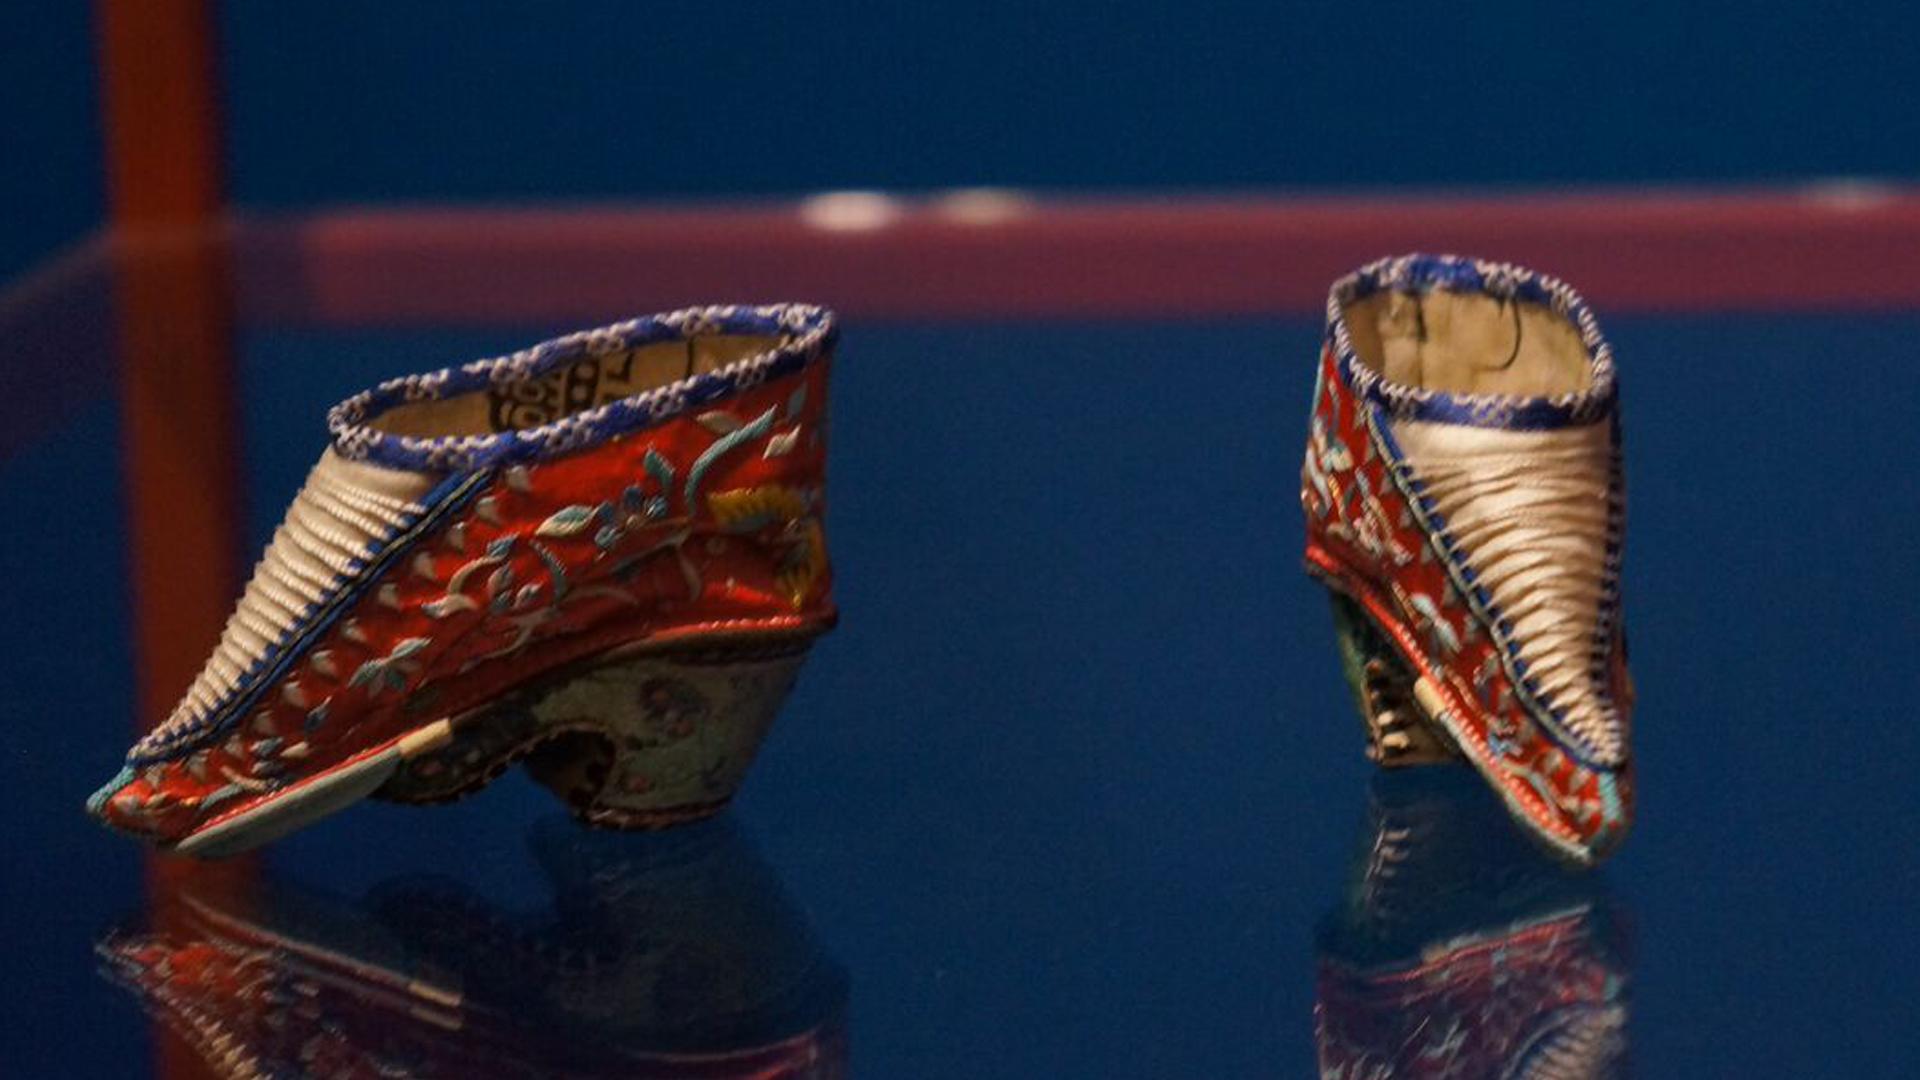 La exhibición muestra en retrospectiva la obsesión de las distintas culturas por los zapatos.